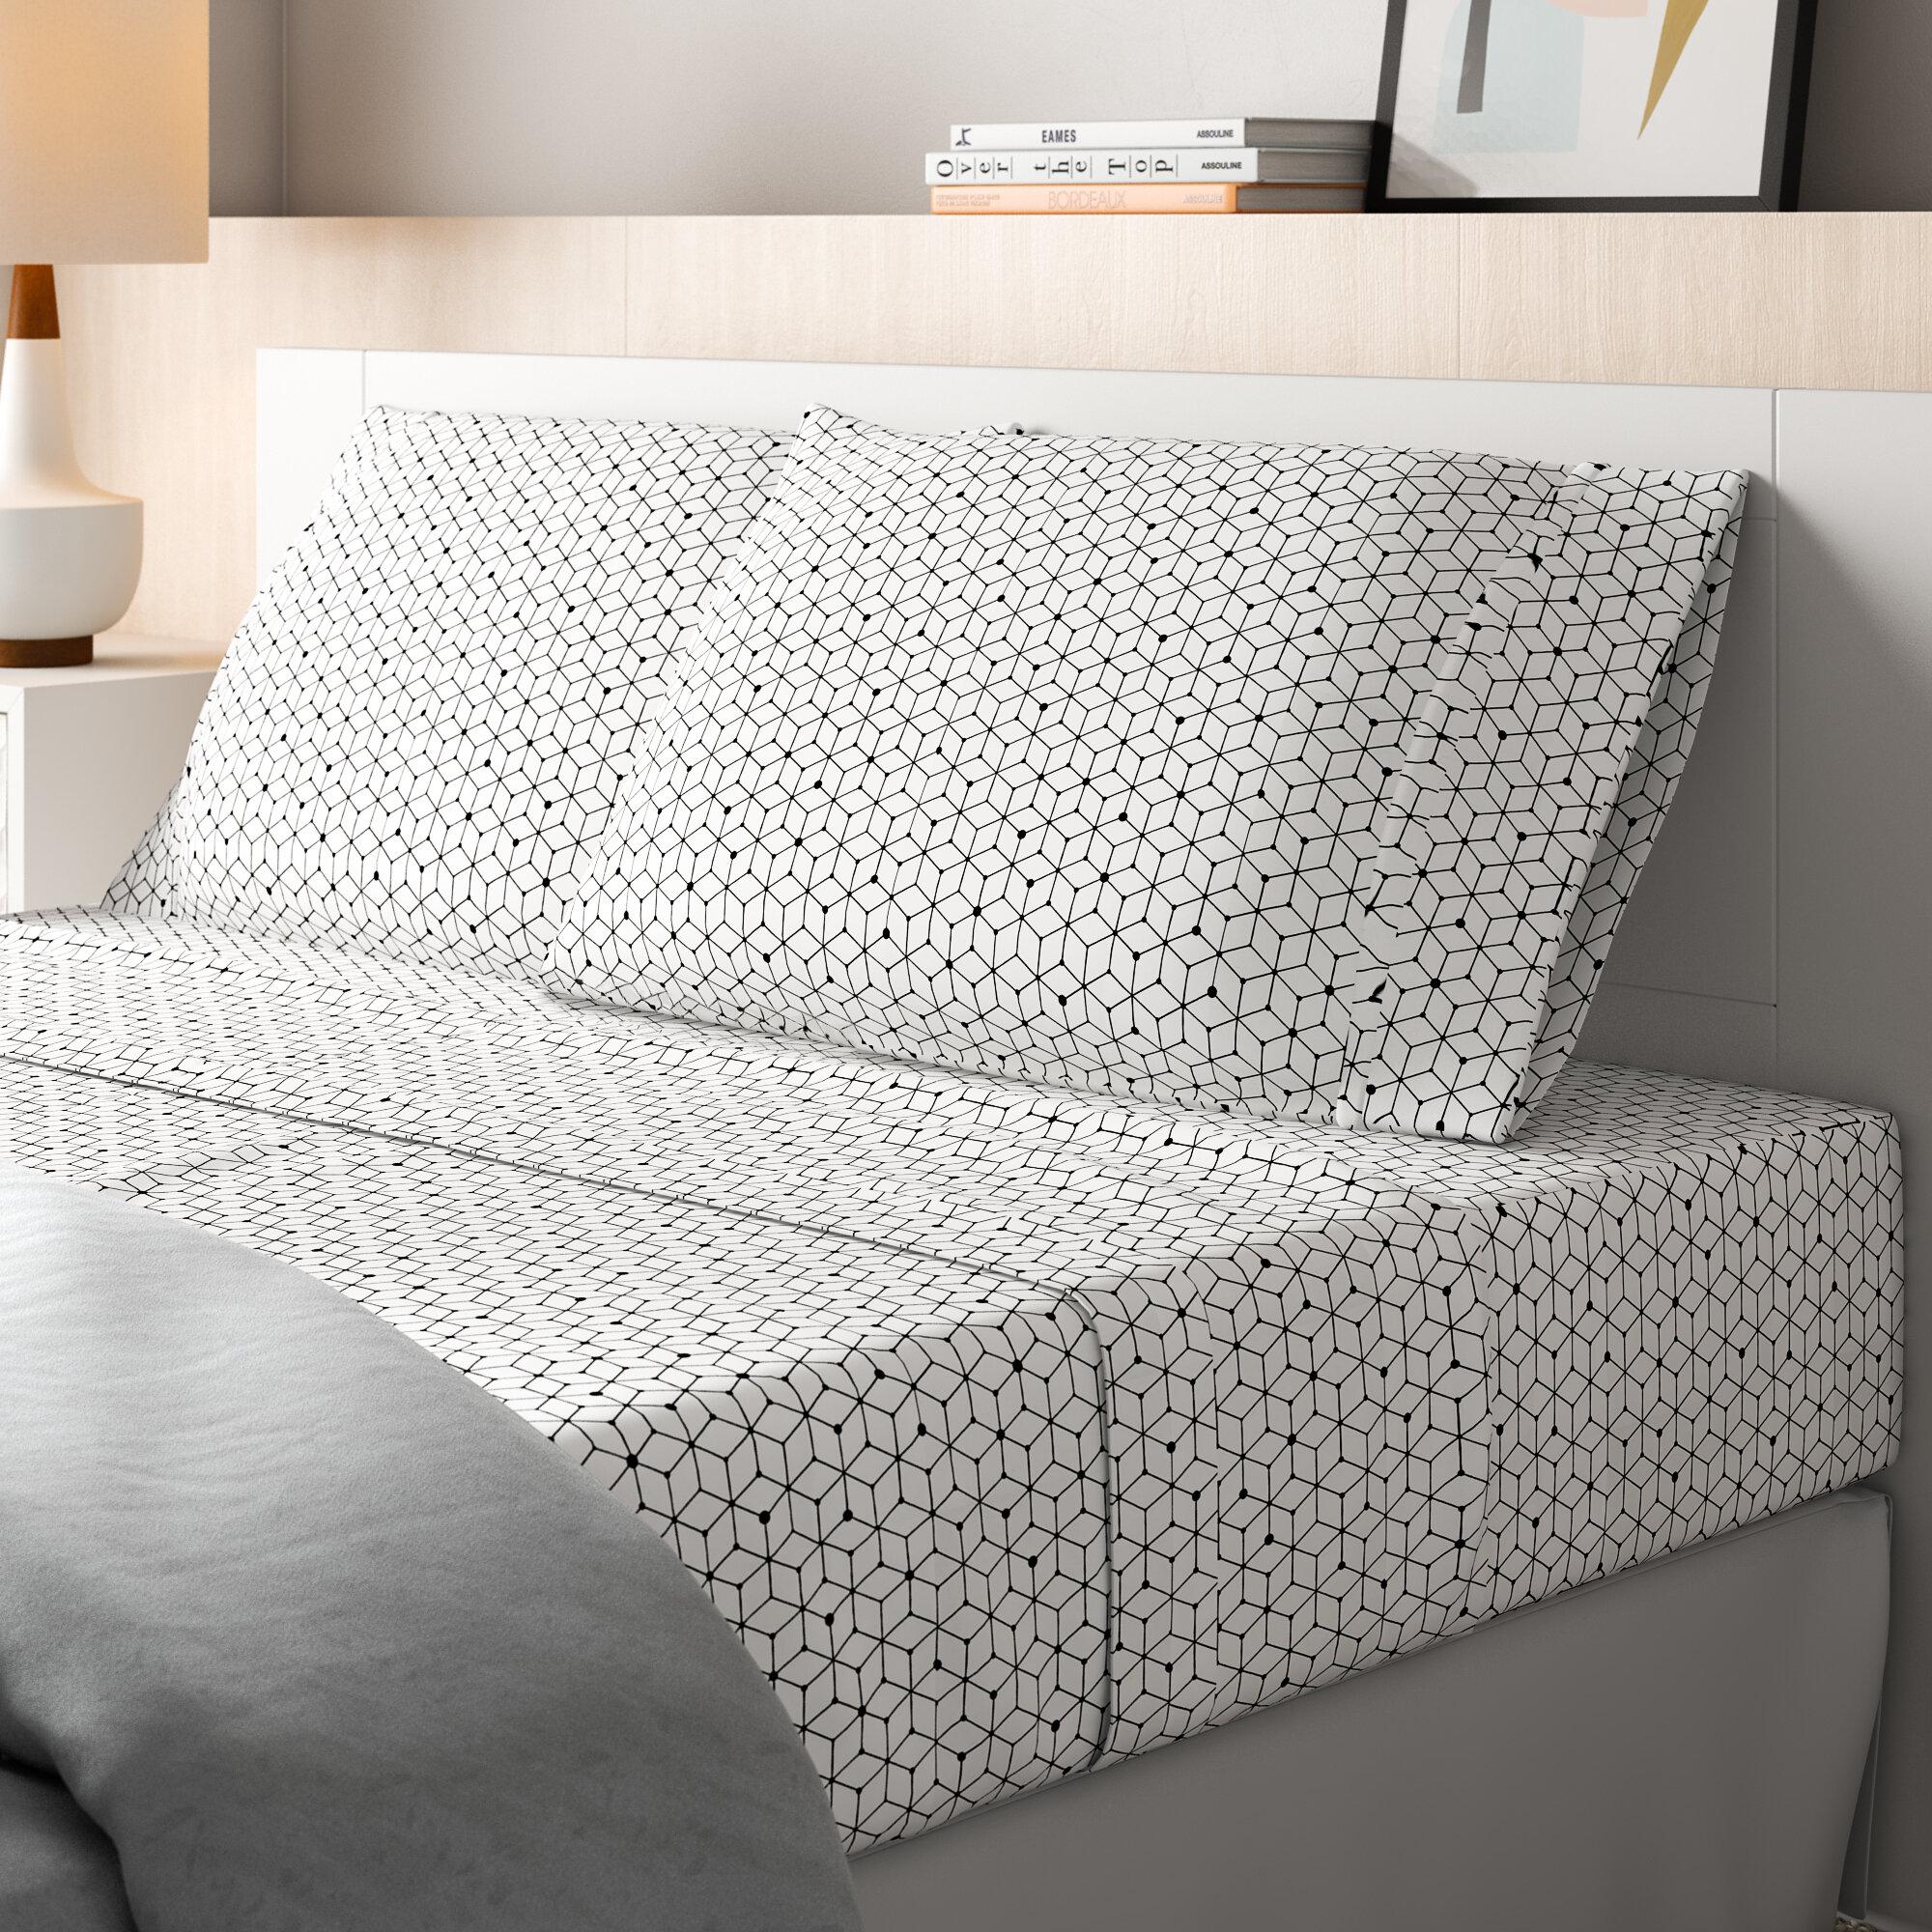 Tilley 400 Thread Count 100 Cotton Sheet Set Reviews Allmodern